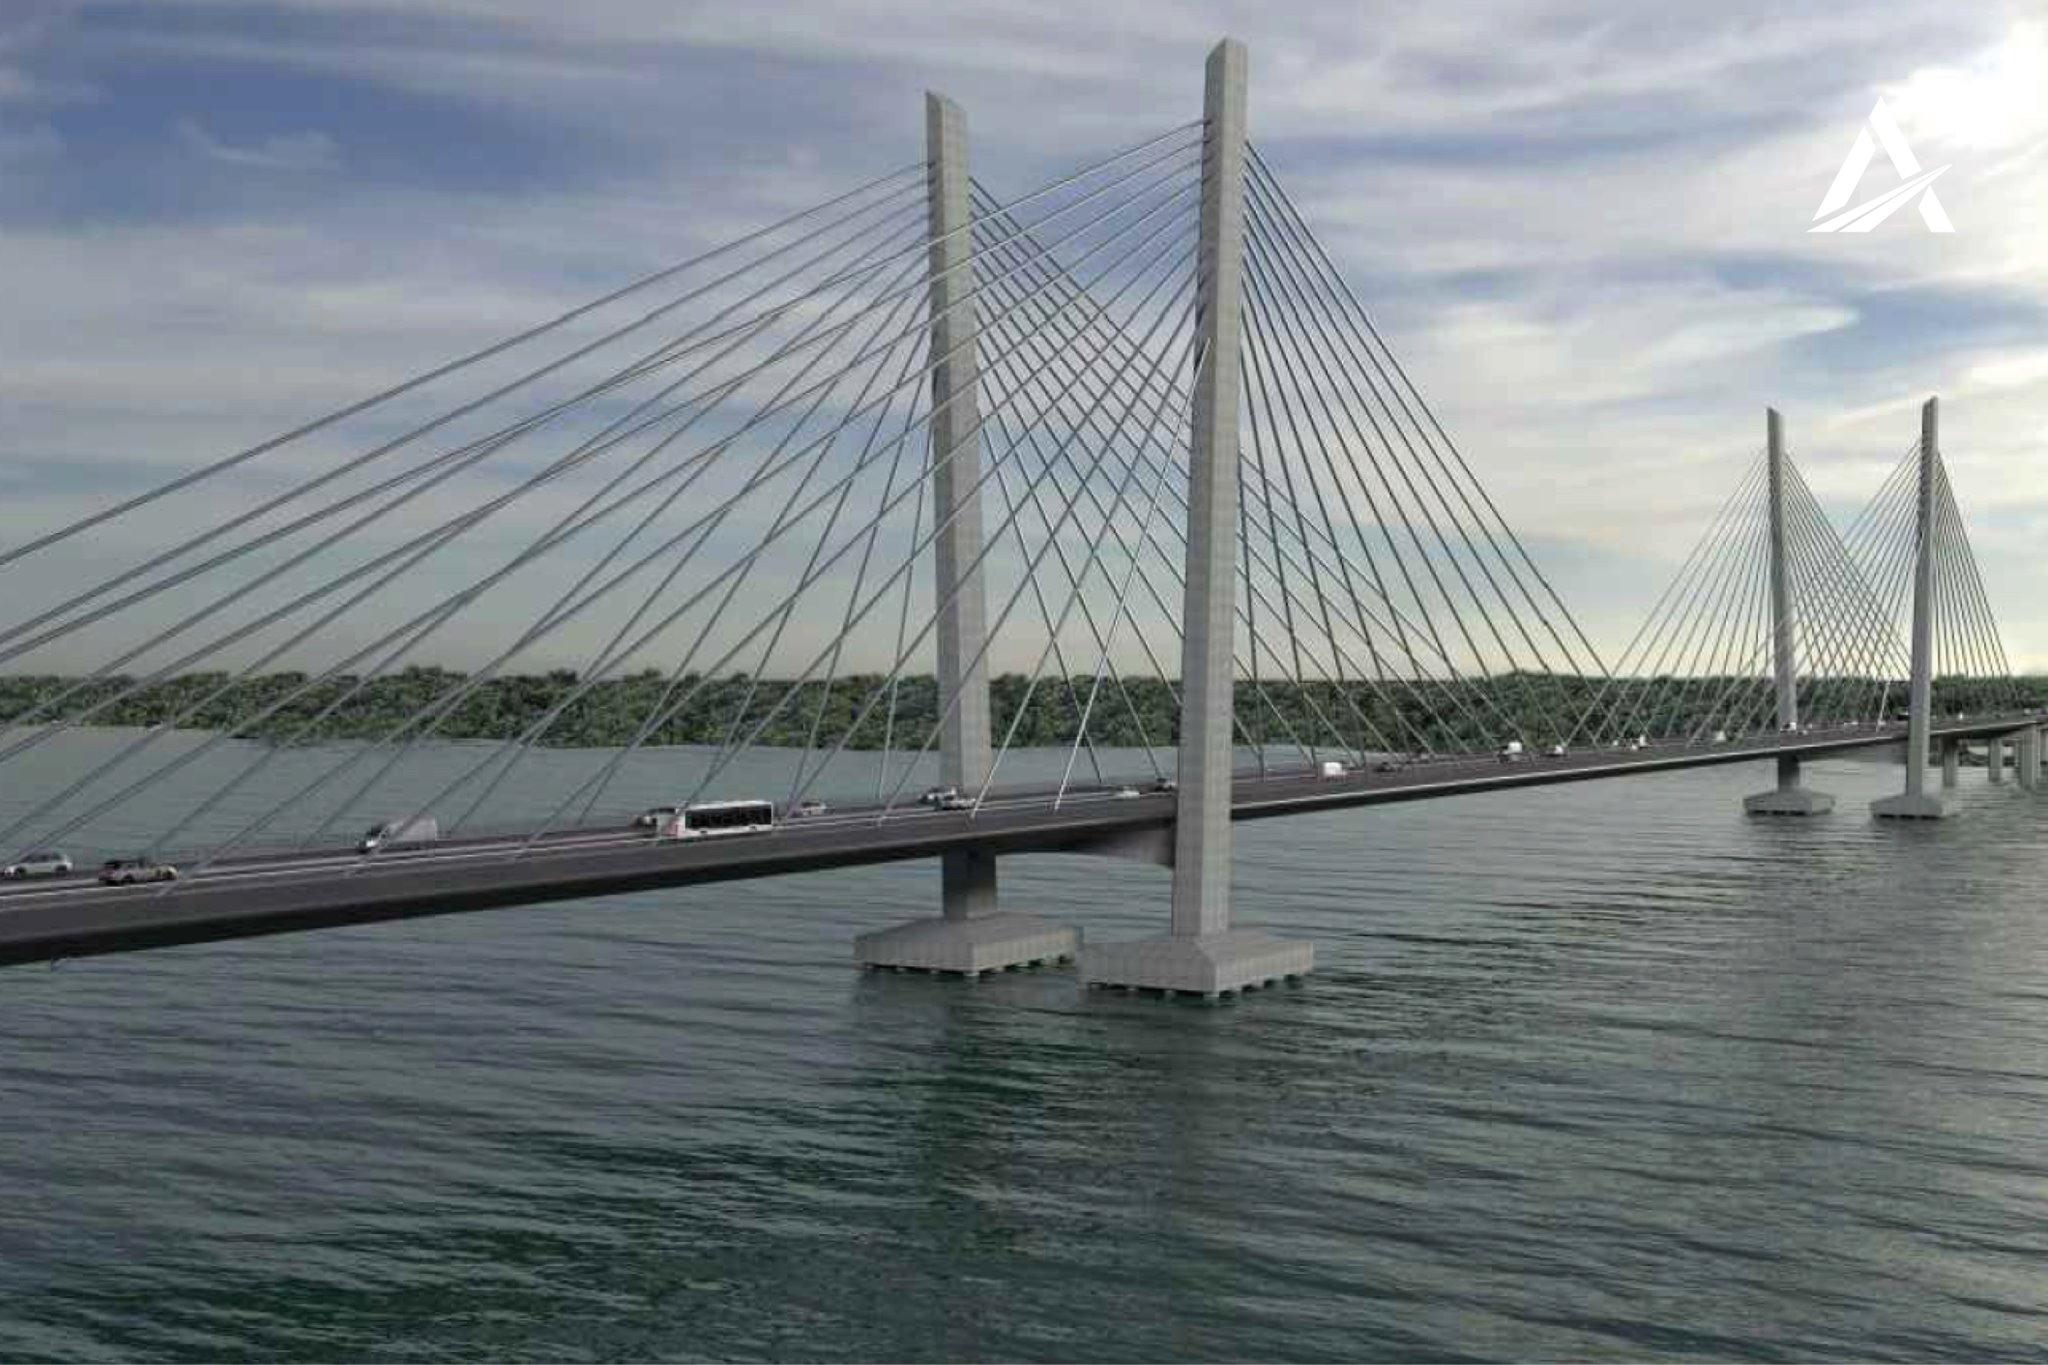 🏗 Кременчуцький міст через Дніпро — протягом 2021 року розпочнеться будівництво